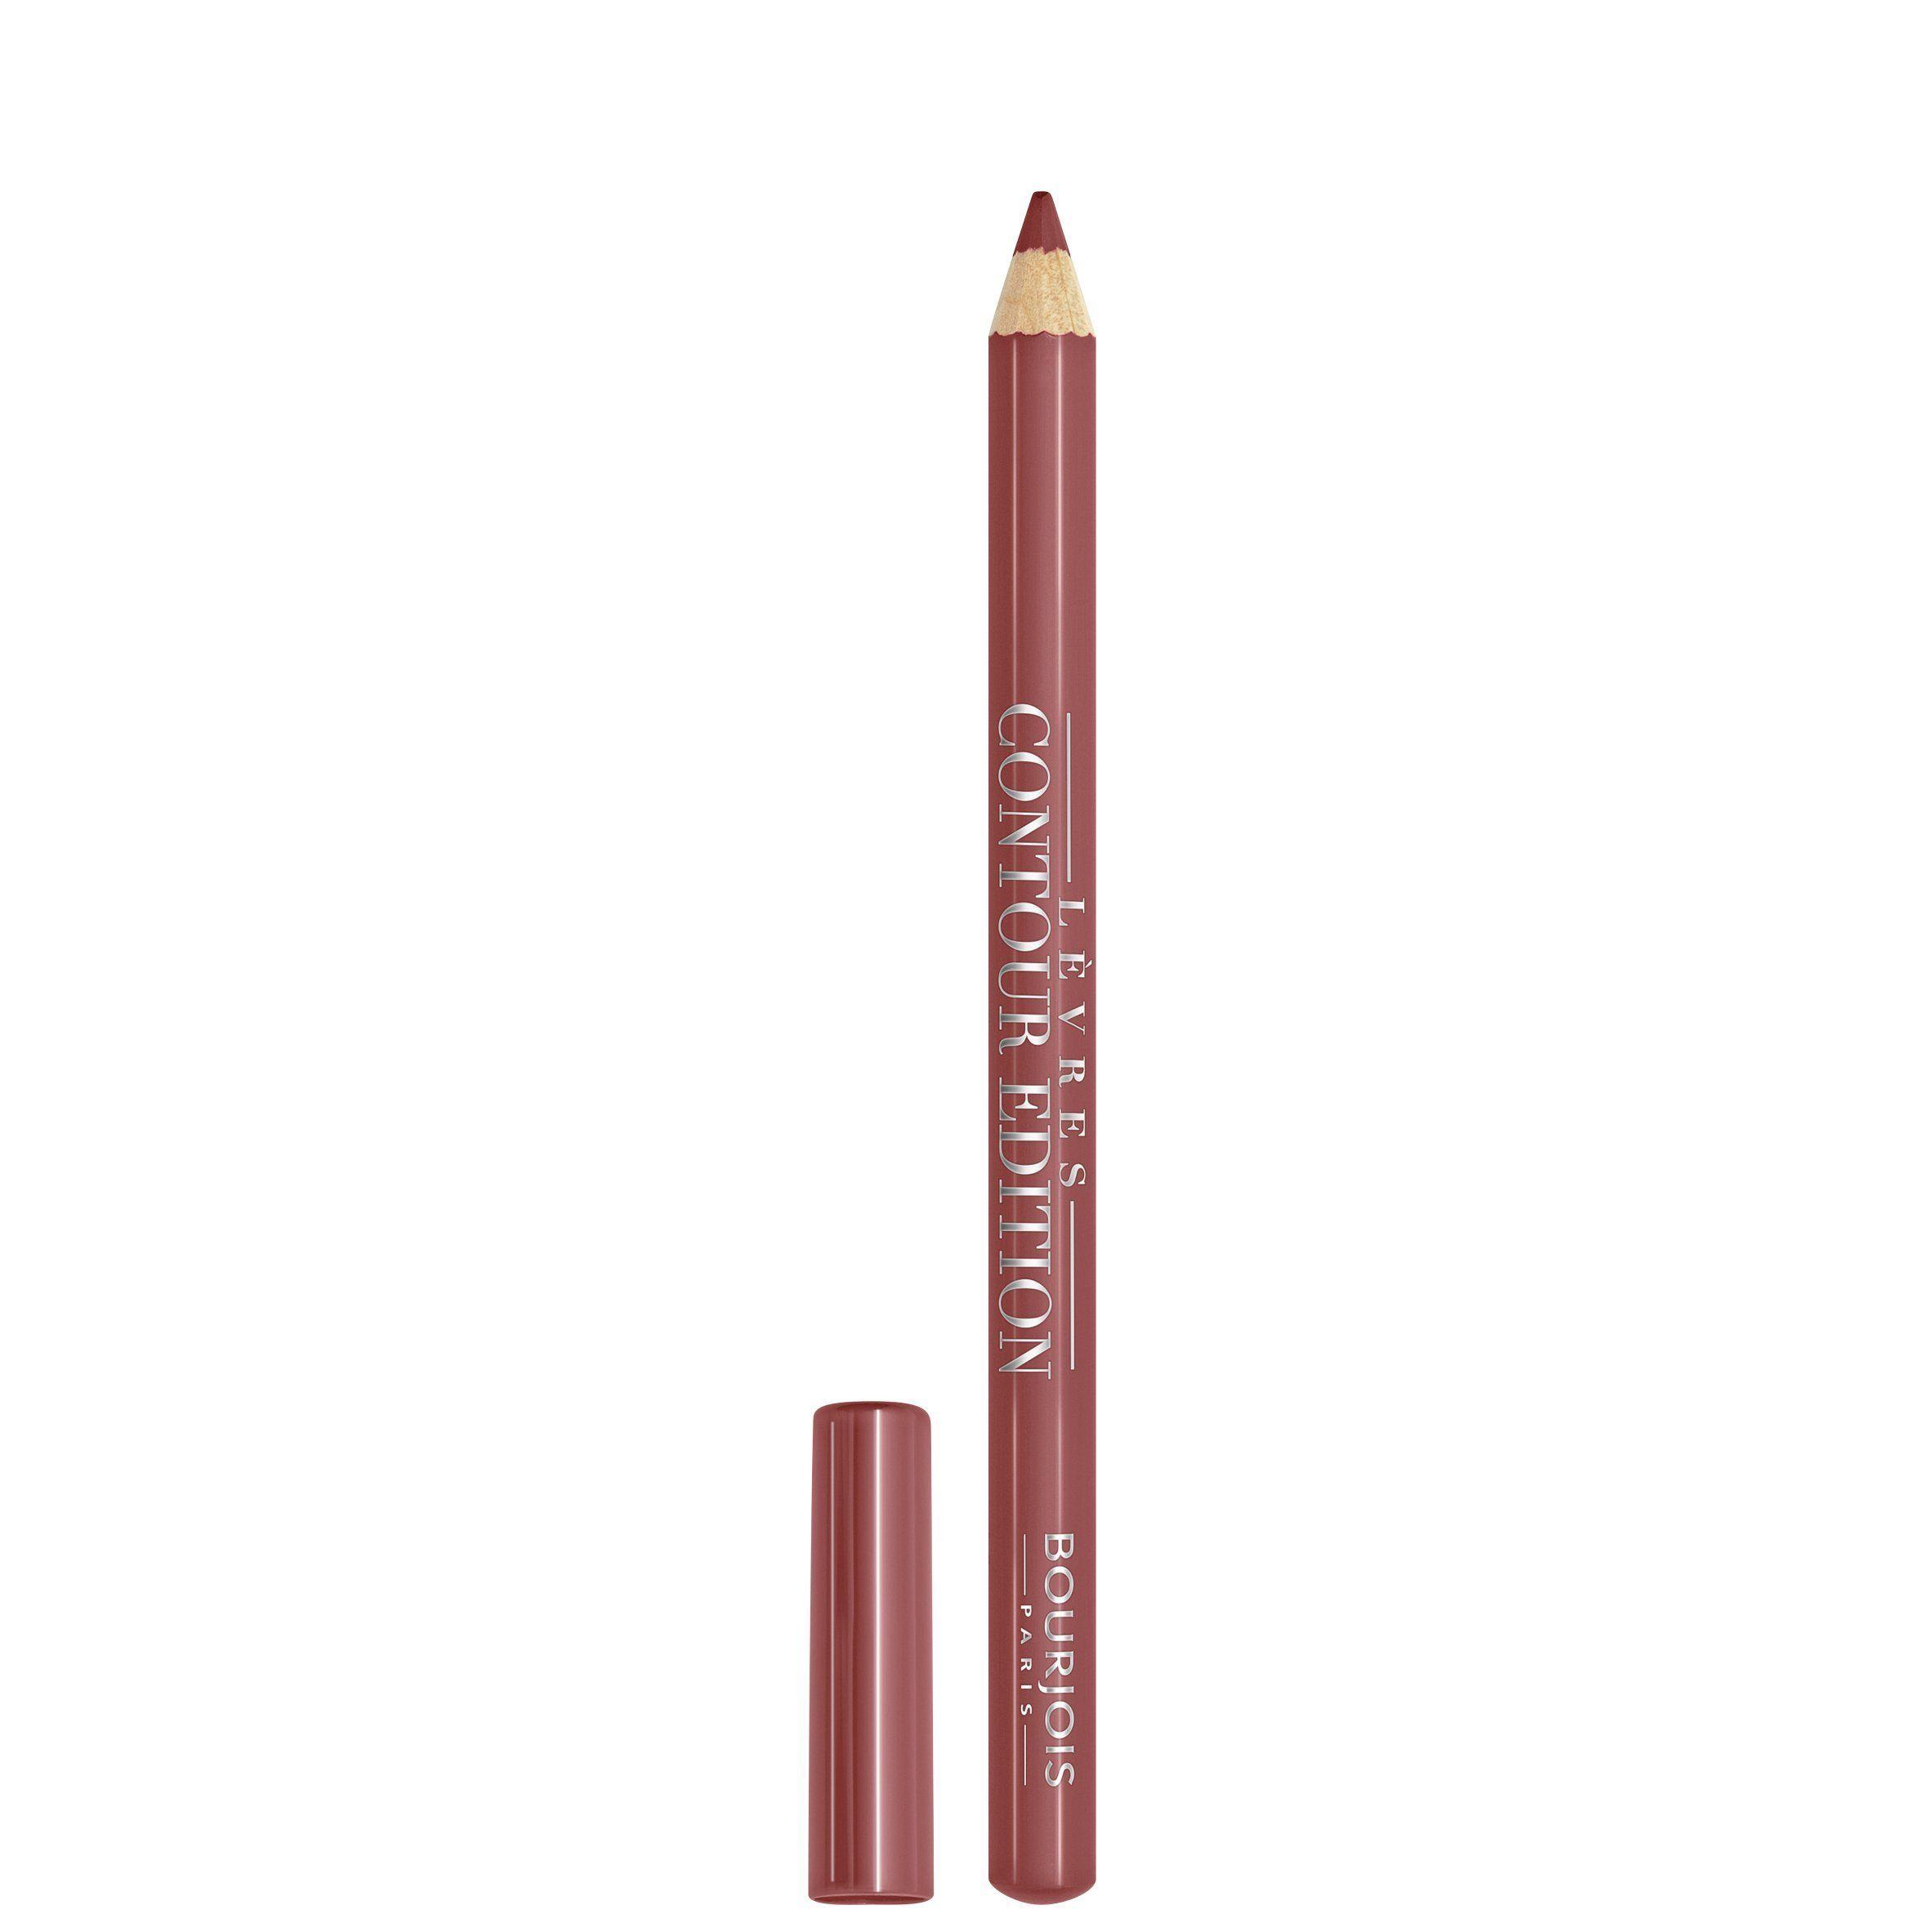 Buy Bourjois Lèvres Contour Edition Lip Pencil (1,14g